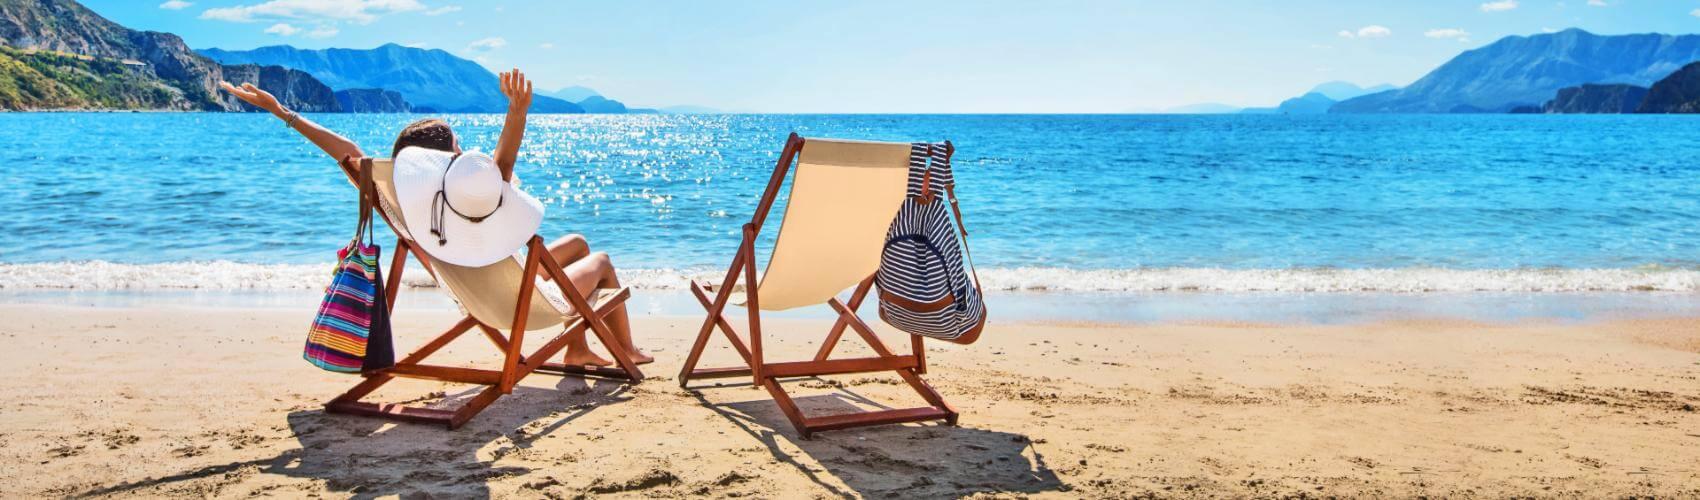 Frau mit Reiseversicherung am Strand